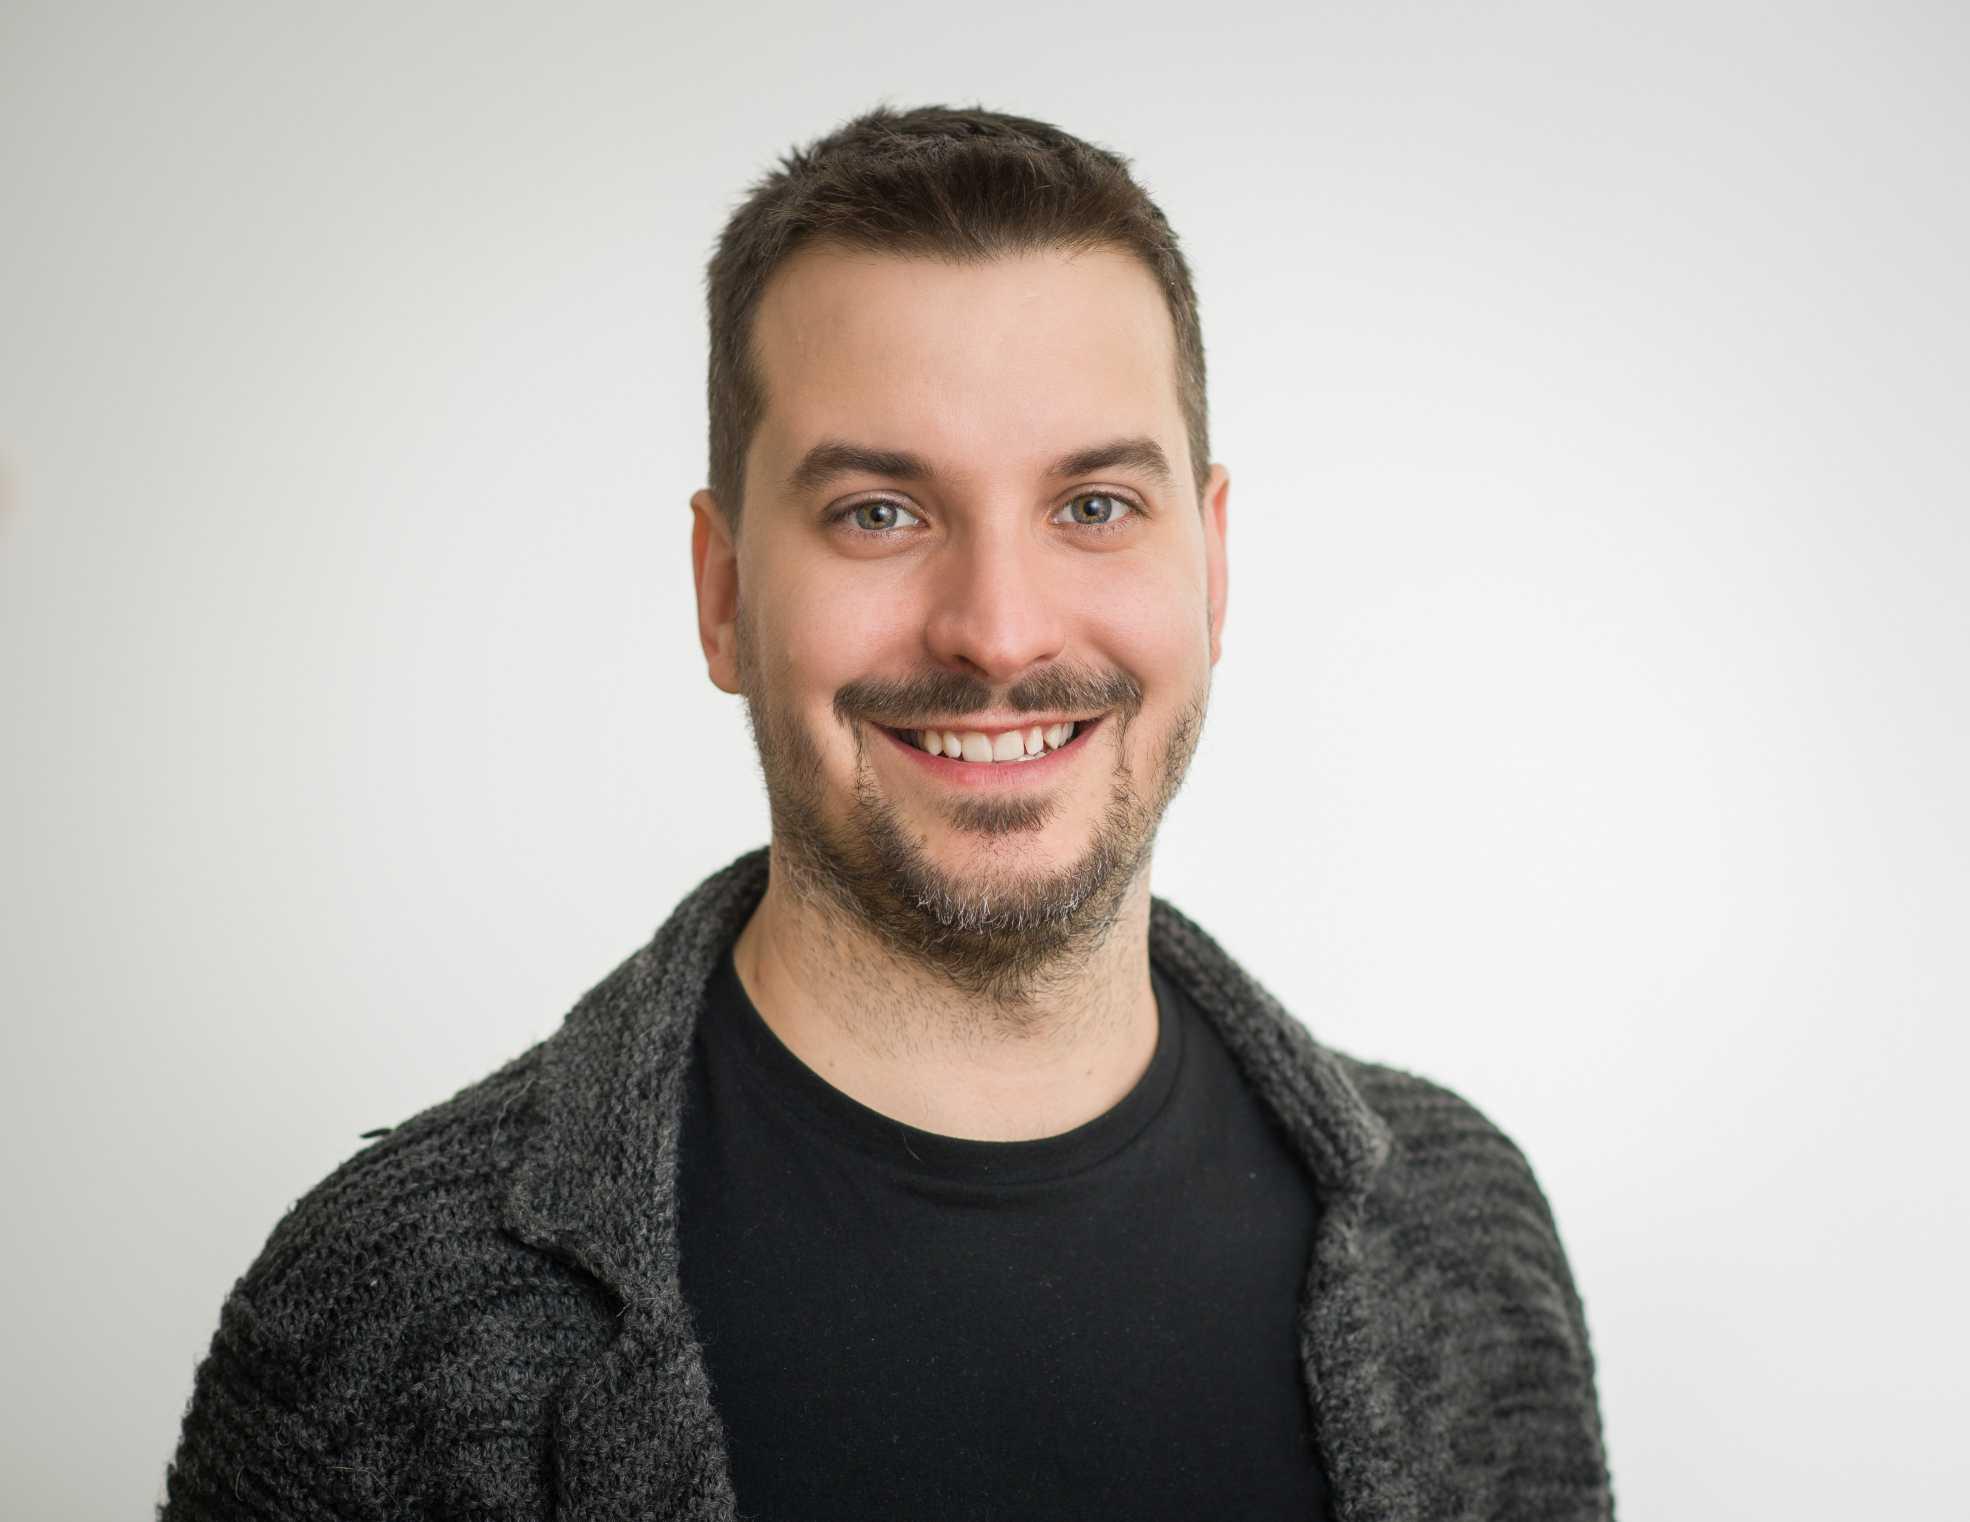 Tak by se daly v krátkosti shrnout cíle Green Fox Academy. Doposud agendu ředitele české pobočky řešil Kristóf Bárdos, jeden z maďarských zakladatelů bootcampu.